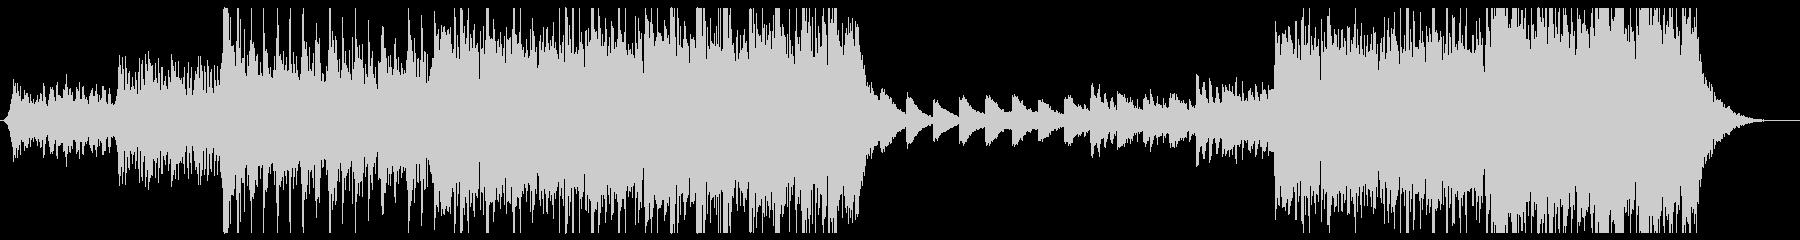 インスピレーションと動機付けのビデオ、の未再生の波形